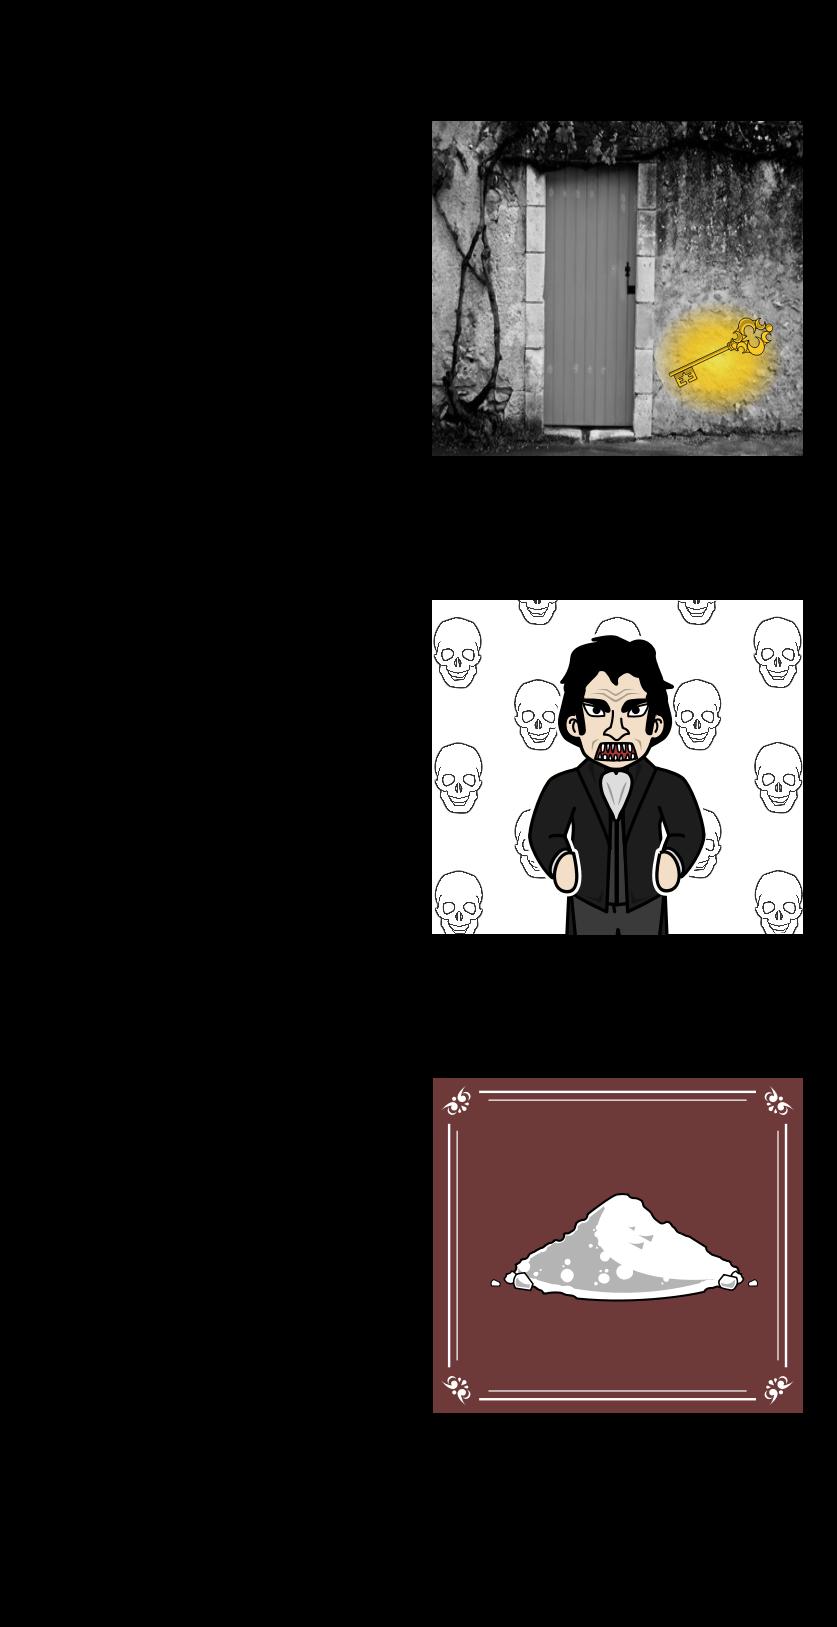 डॉ Jekyll और श्री हाइड थीम्स, रूपांकनों और चिह्न